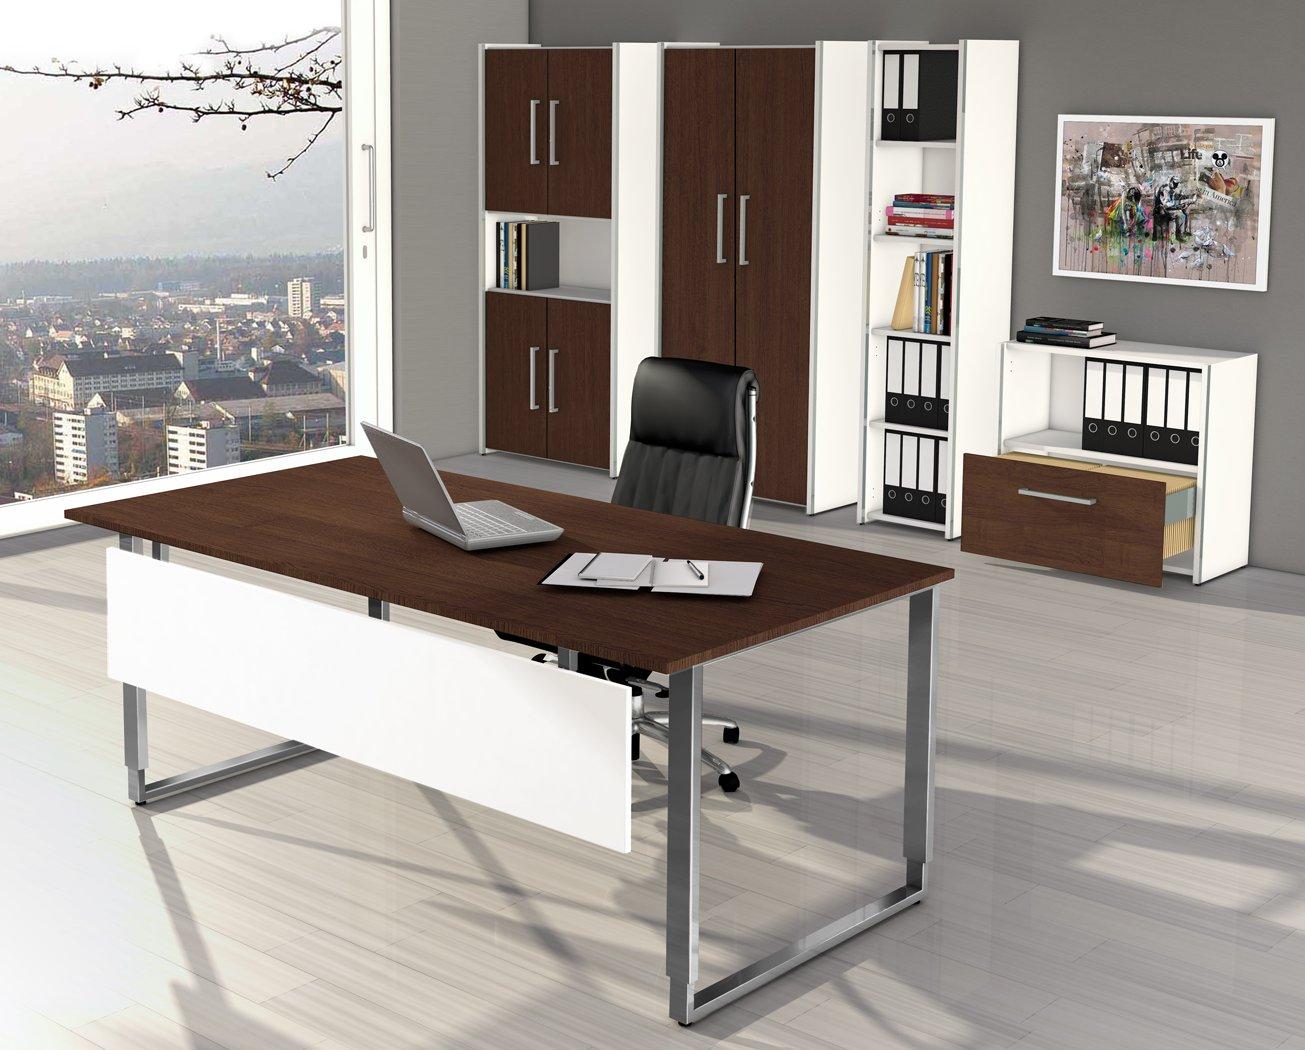 Moderne bueromoebel  robuste Büromöbel aus Holz (weiß / Wenge-Dekor) und Edelstahl